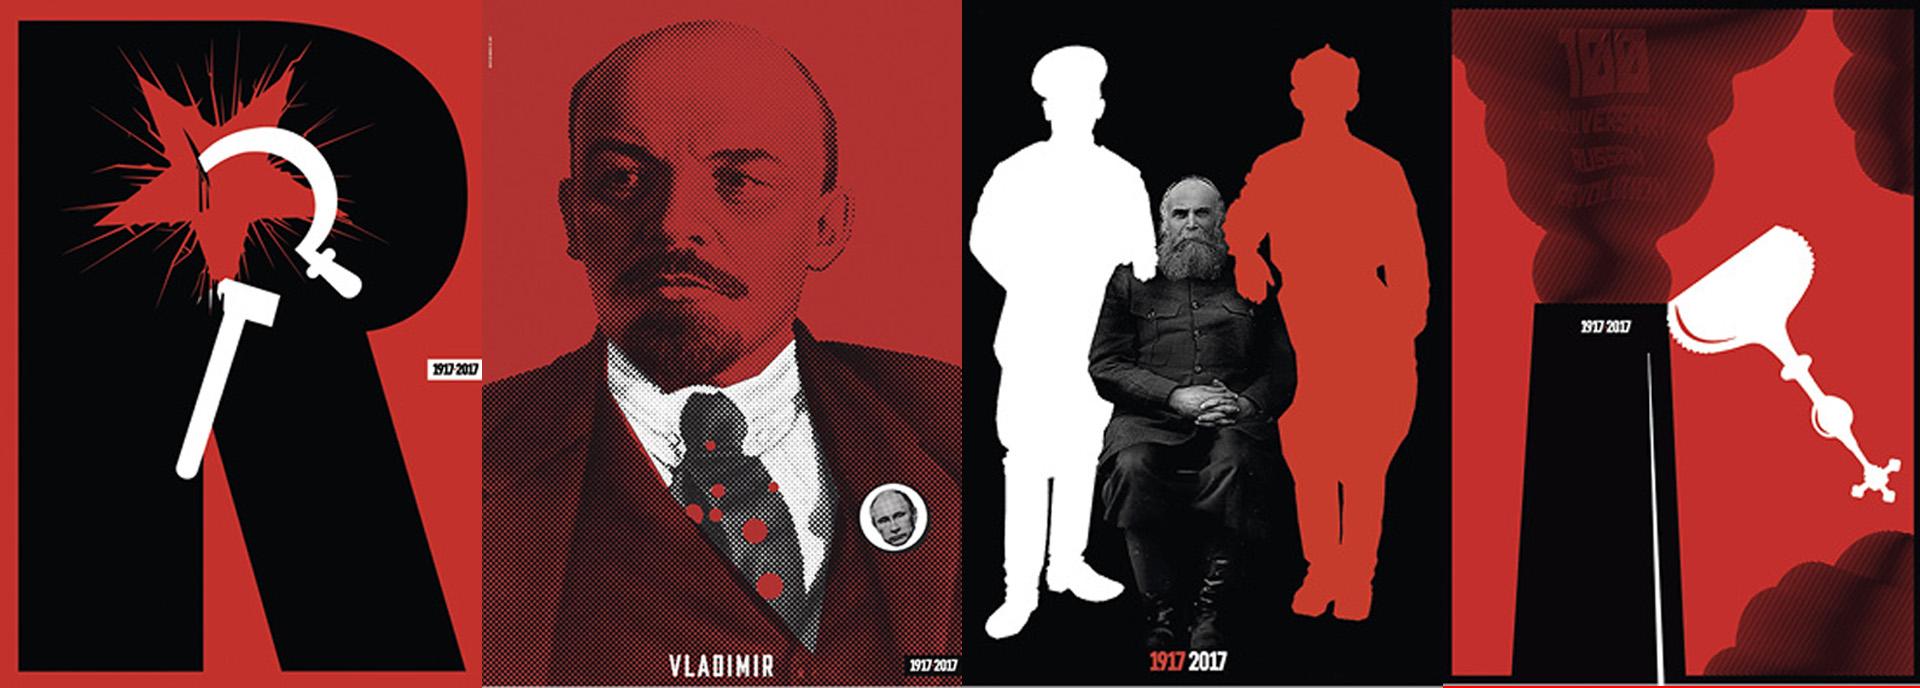 Stoljeće Oktibarske revolucije